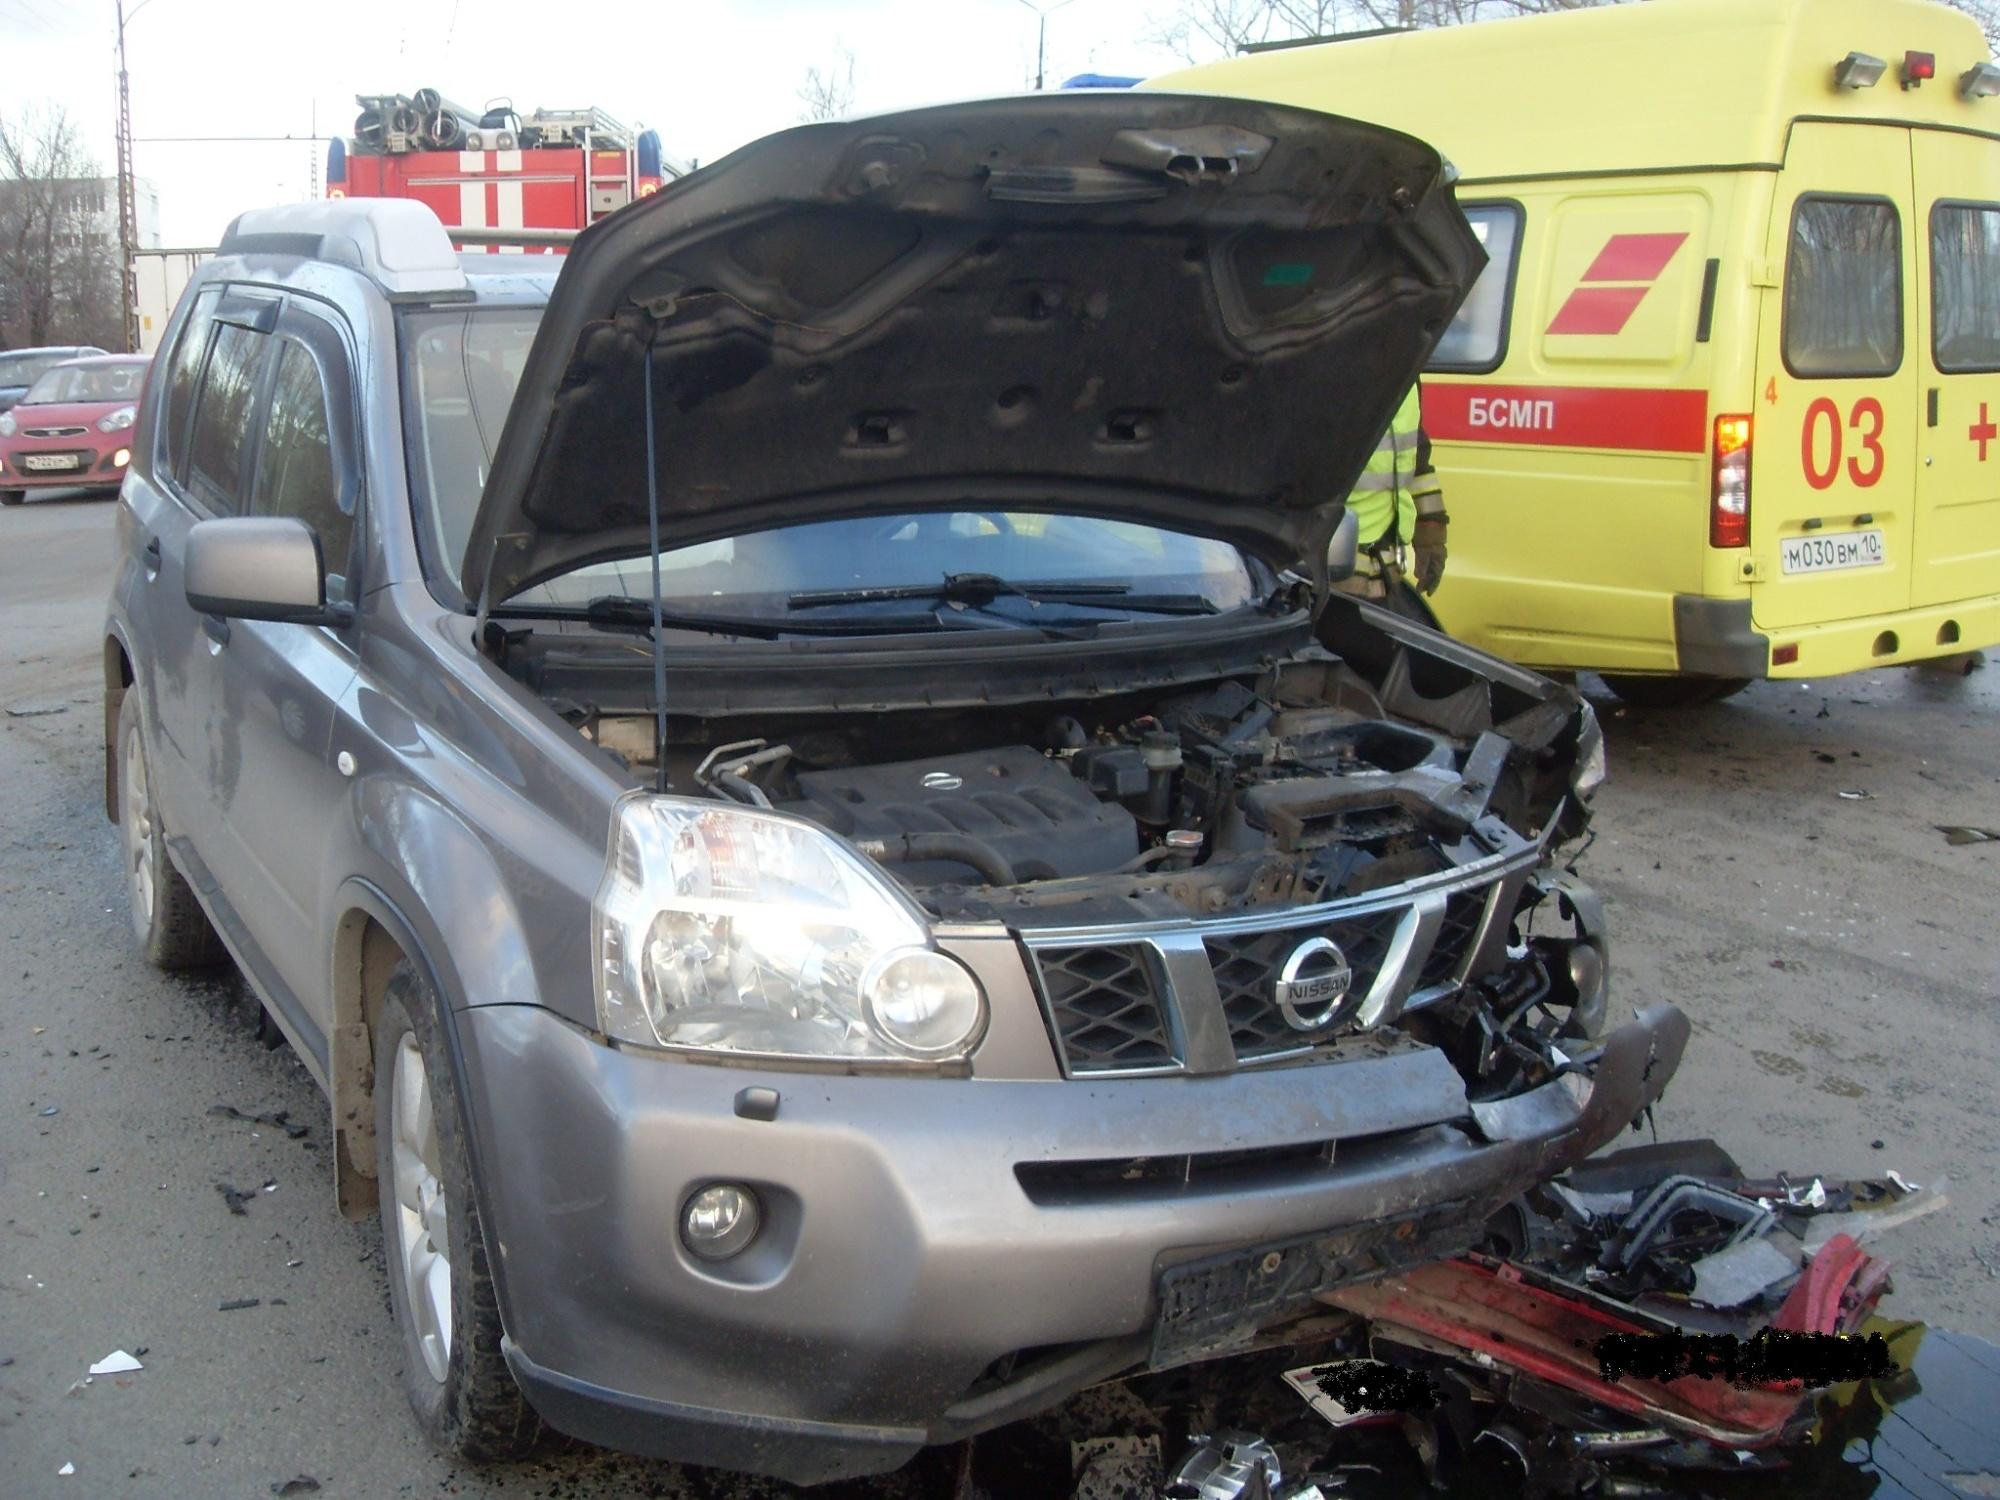 Пожарно-спасательное подразделение привлекалось для ликвидации ДТП в Лахденпохском районе.